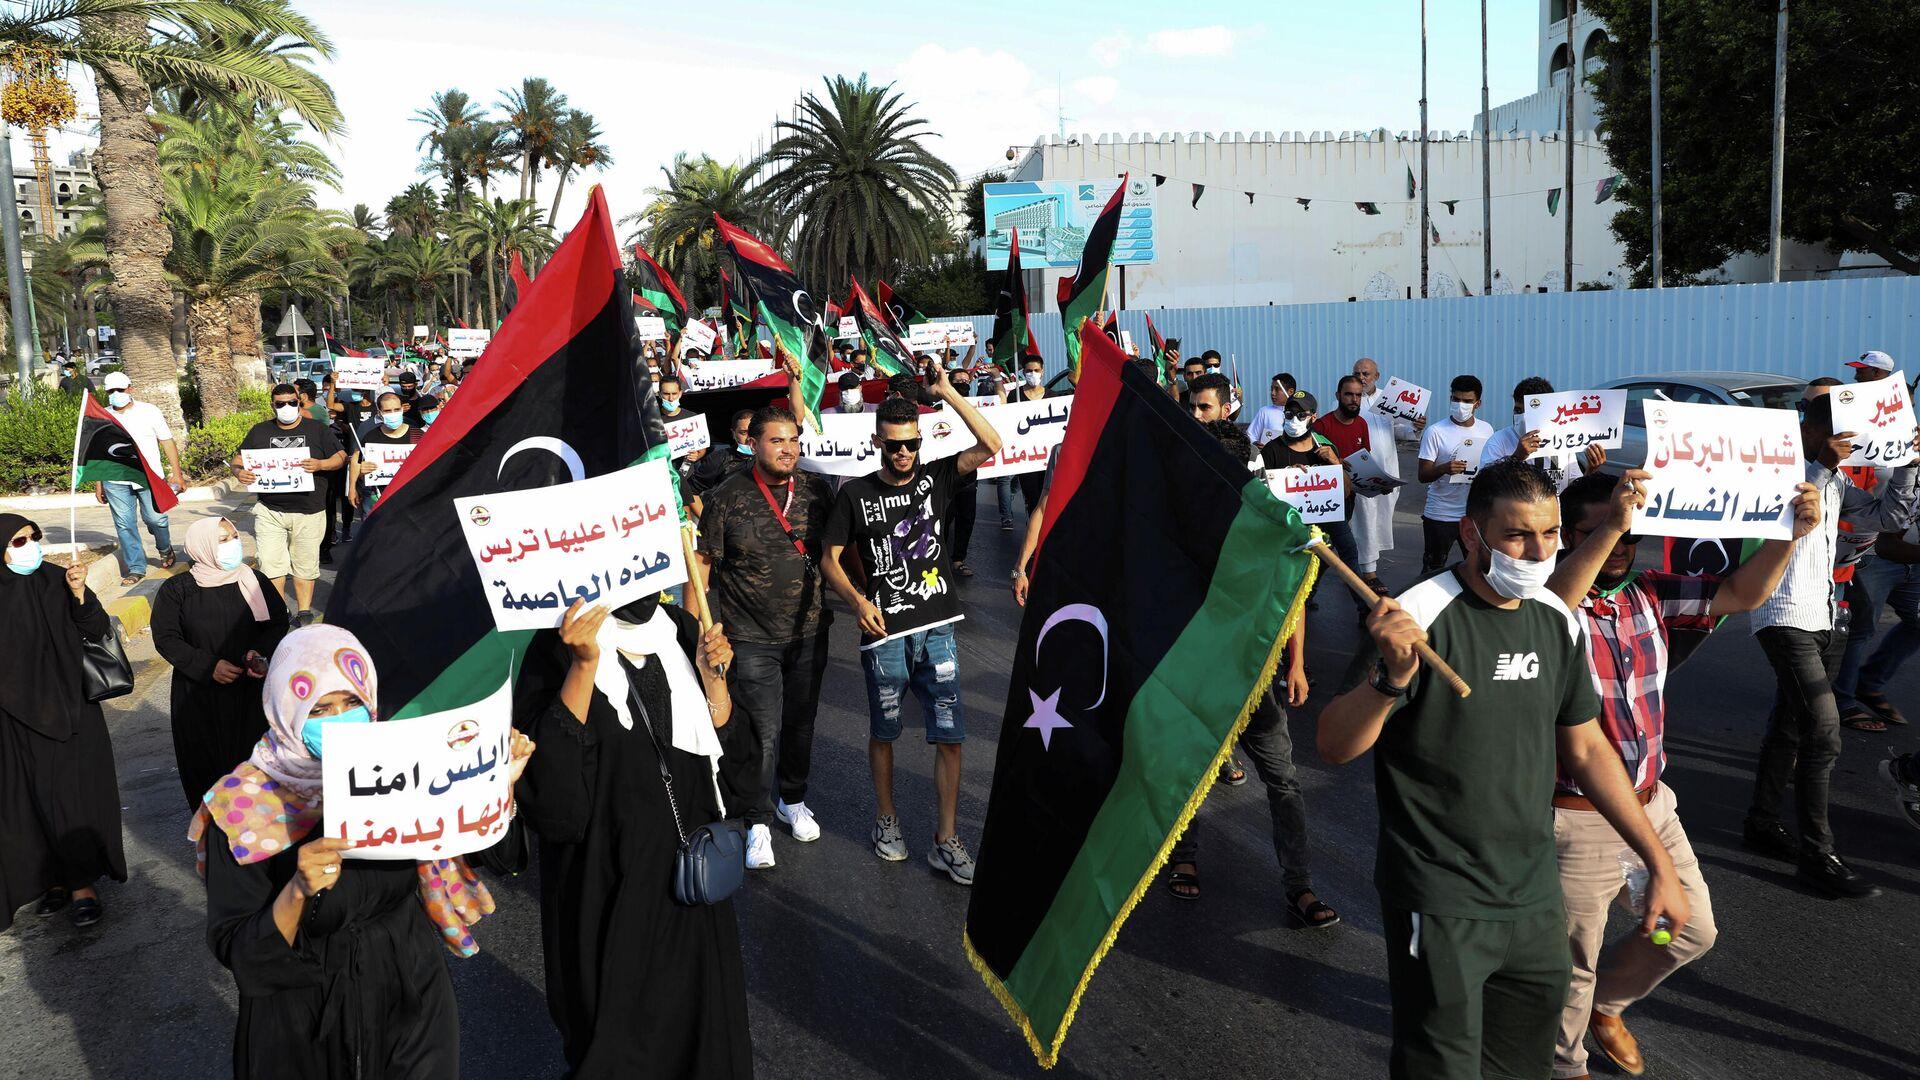 Участники антиправительственной акции протеста в Триполи - РИА Новости, 1920, 16.09.2020